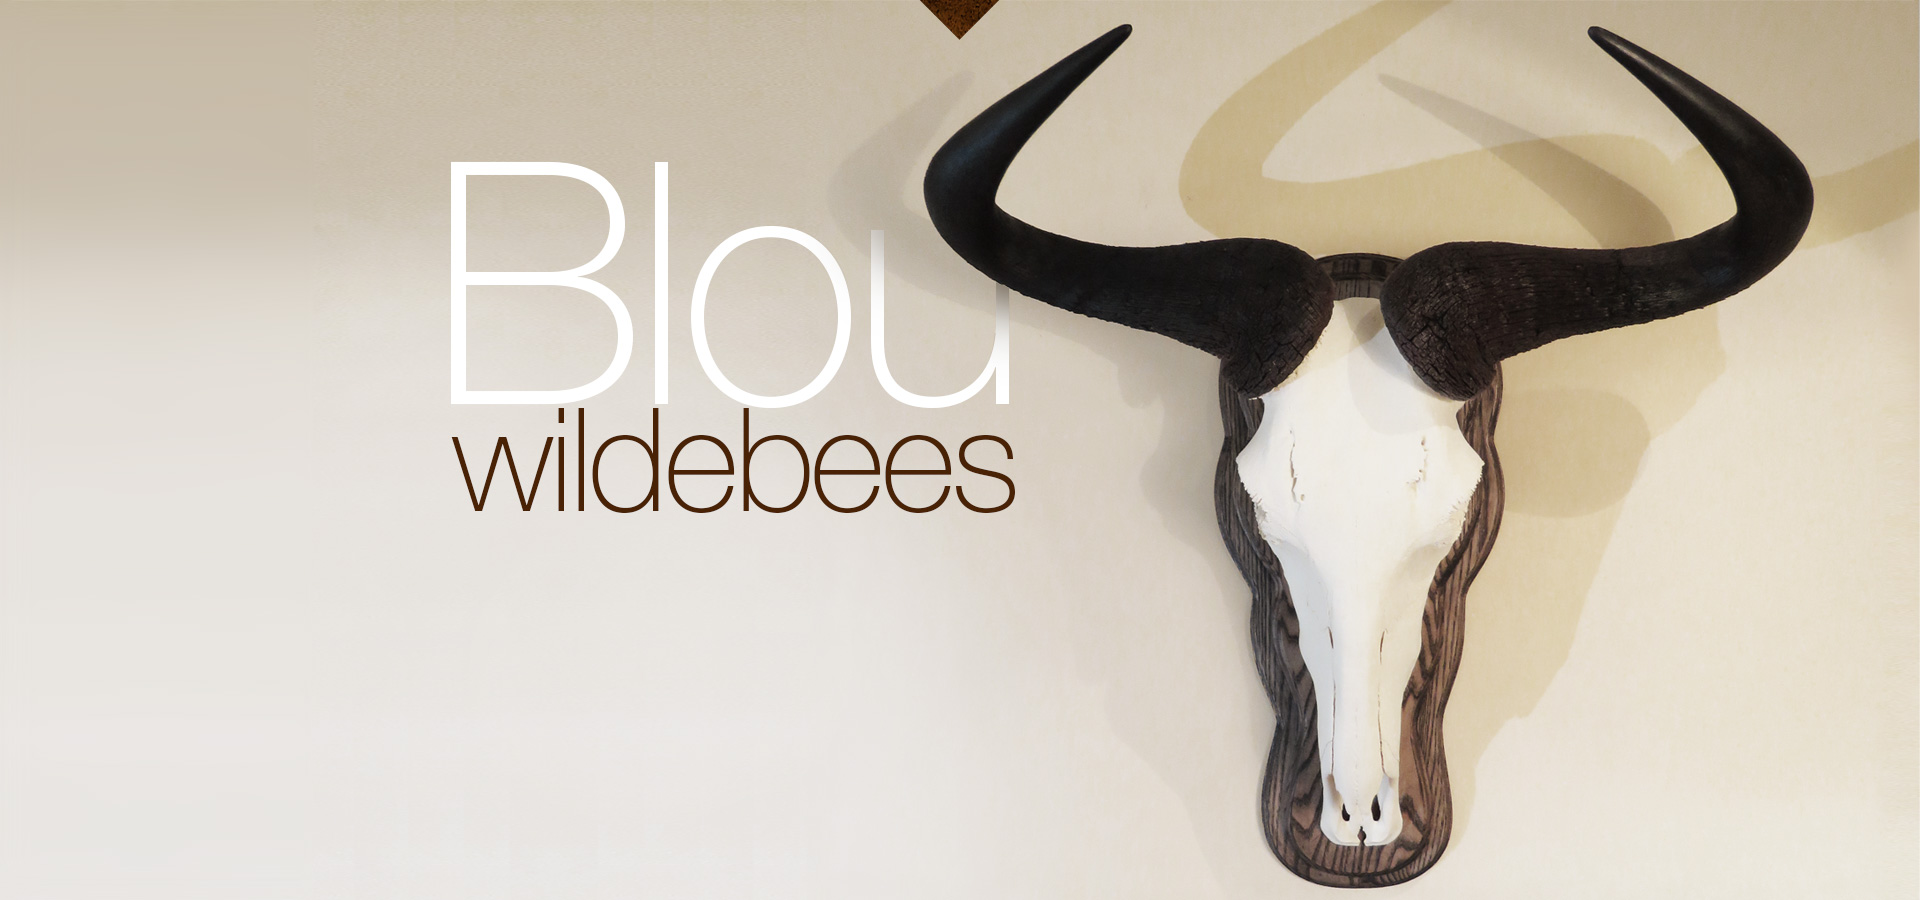 Blou wildebees - Blue Wildebeest